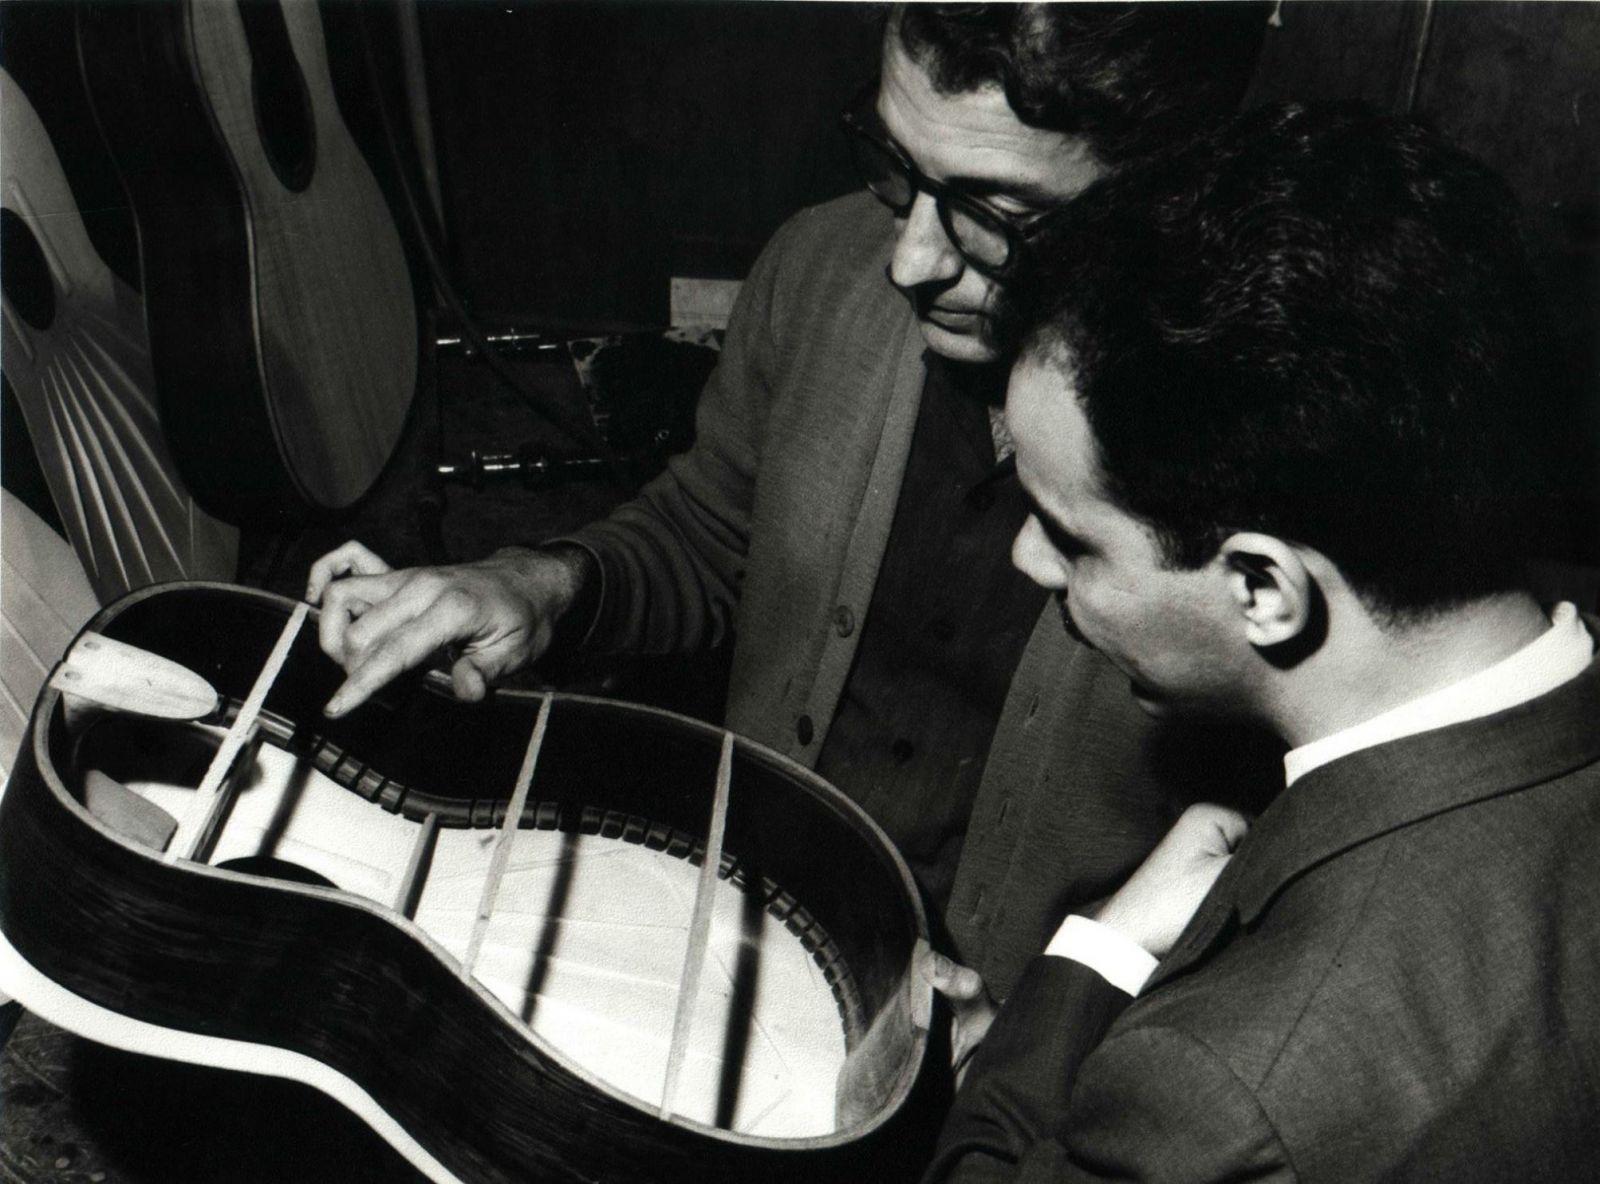 Pesquisador mostra raros programas de rádio, LPs e partituras lançados por fábricas de violão - Fábrica Giannini